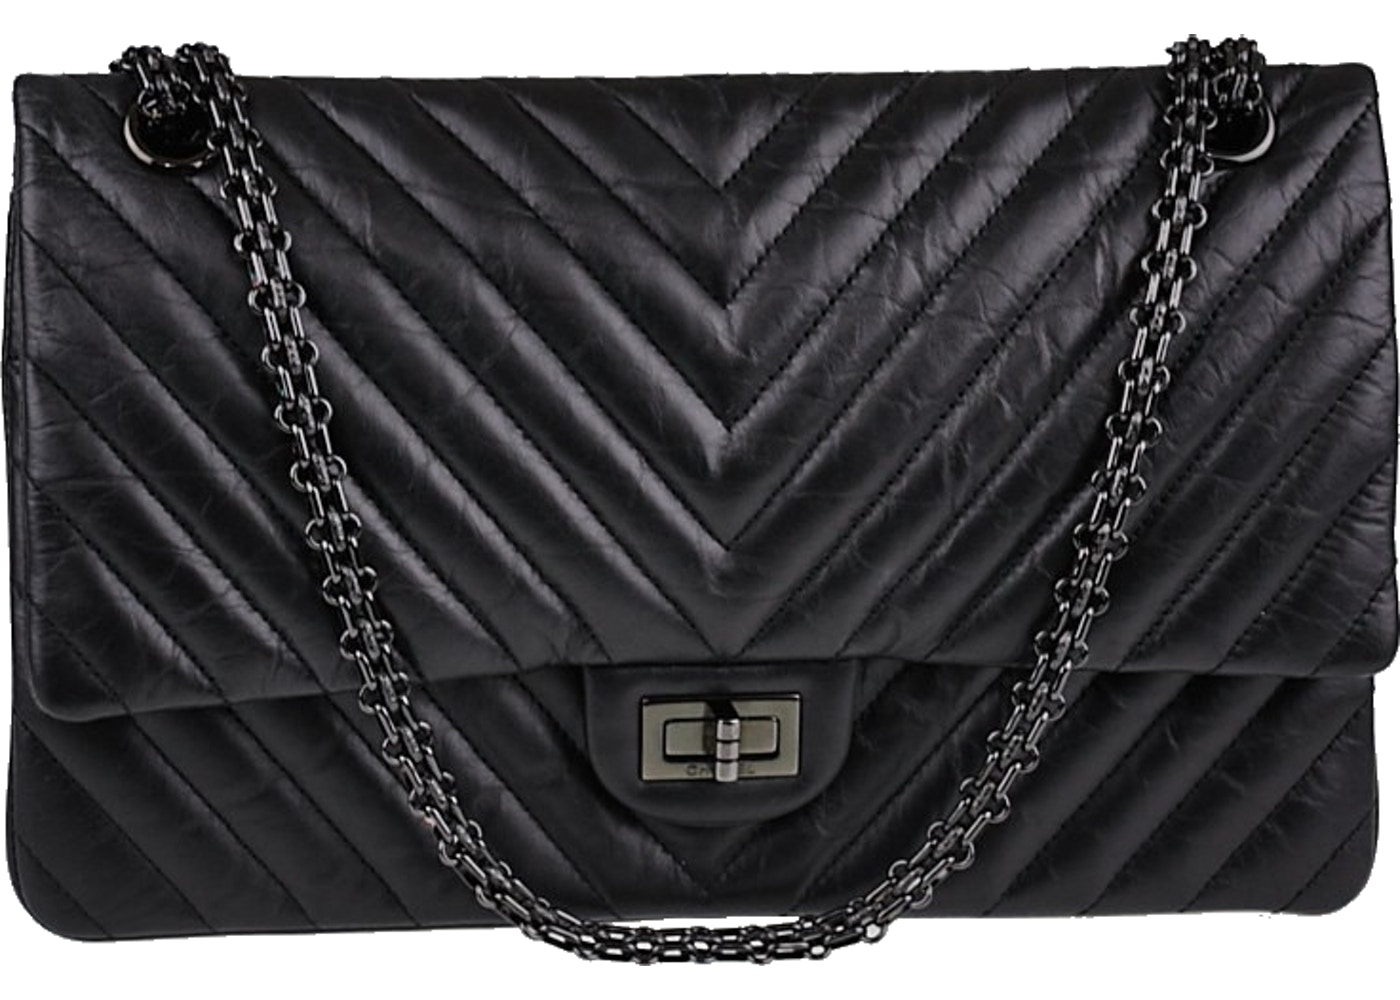 ea9241723e4e Buy & Sell Chanel Handbags - Last Sale